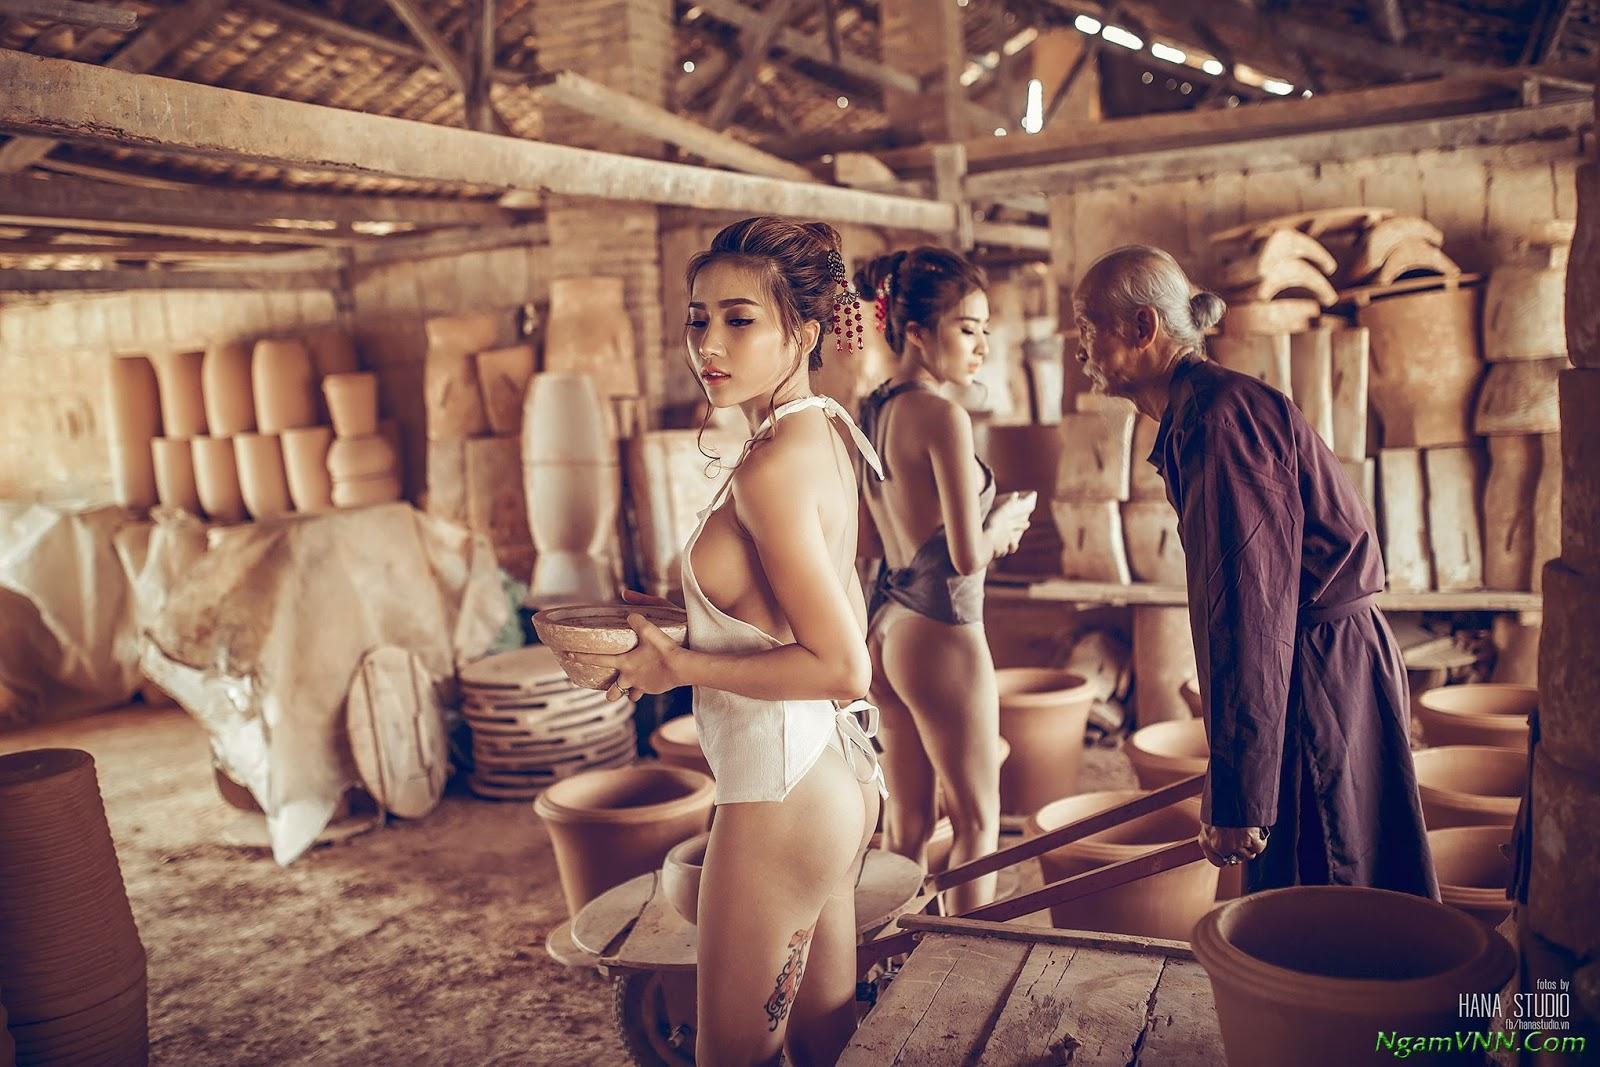 Hai cô gái tung bộ ảnh cực kỳ phản cảm bên cụ già trong một xưởng gốm